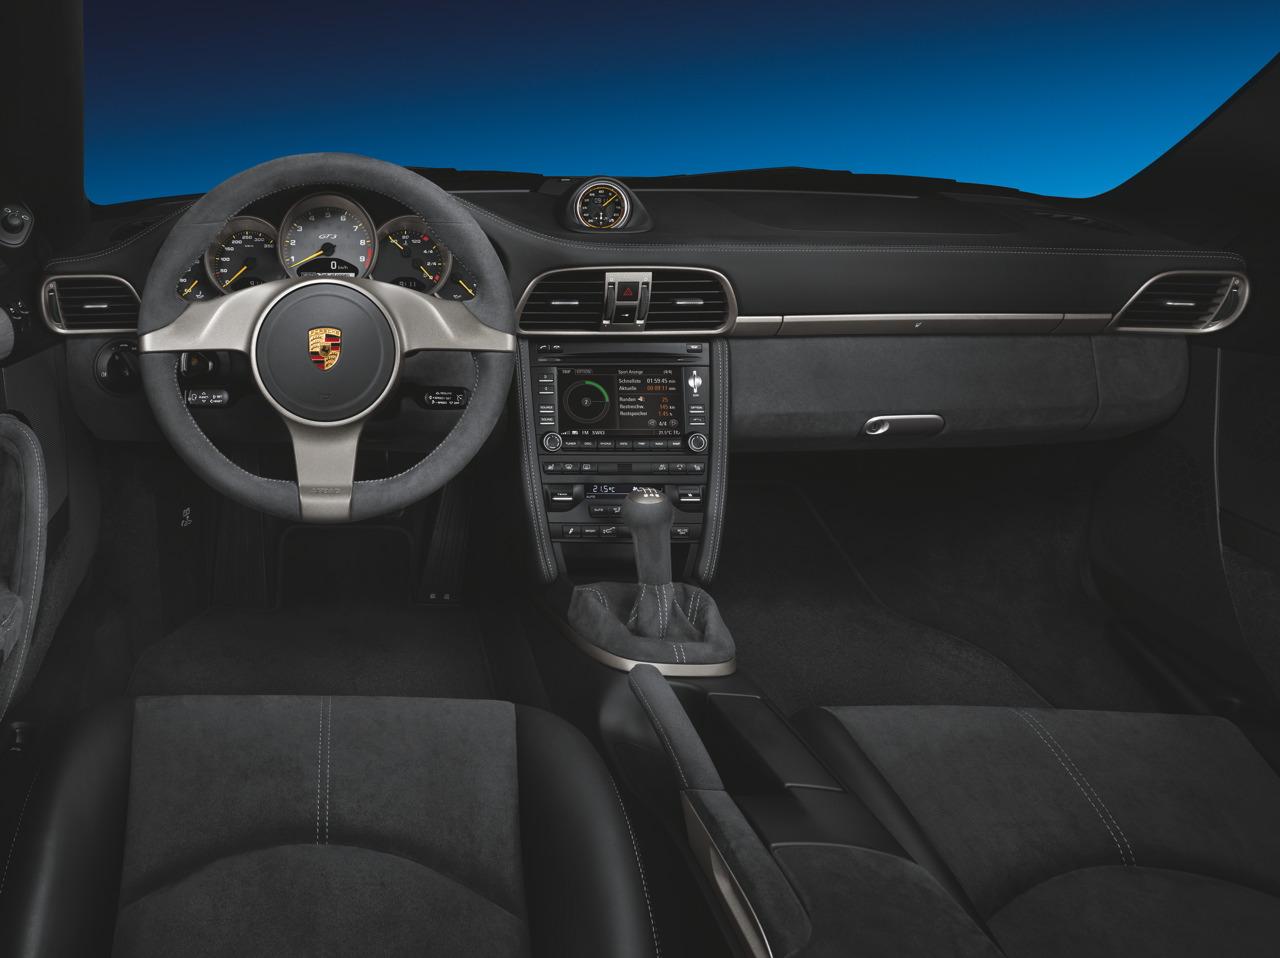 2010 PORSCHE 911 GT3 INTERIOR CONCEPT